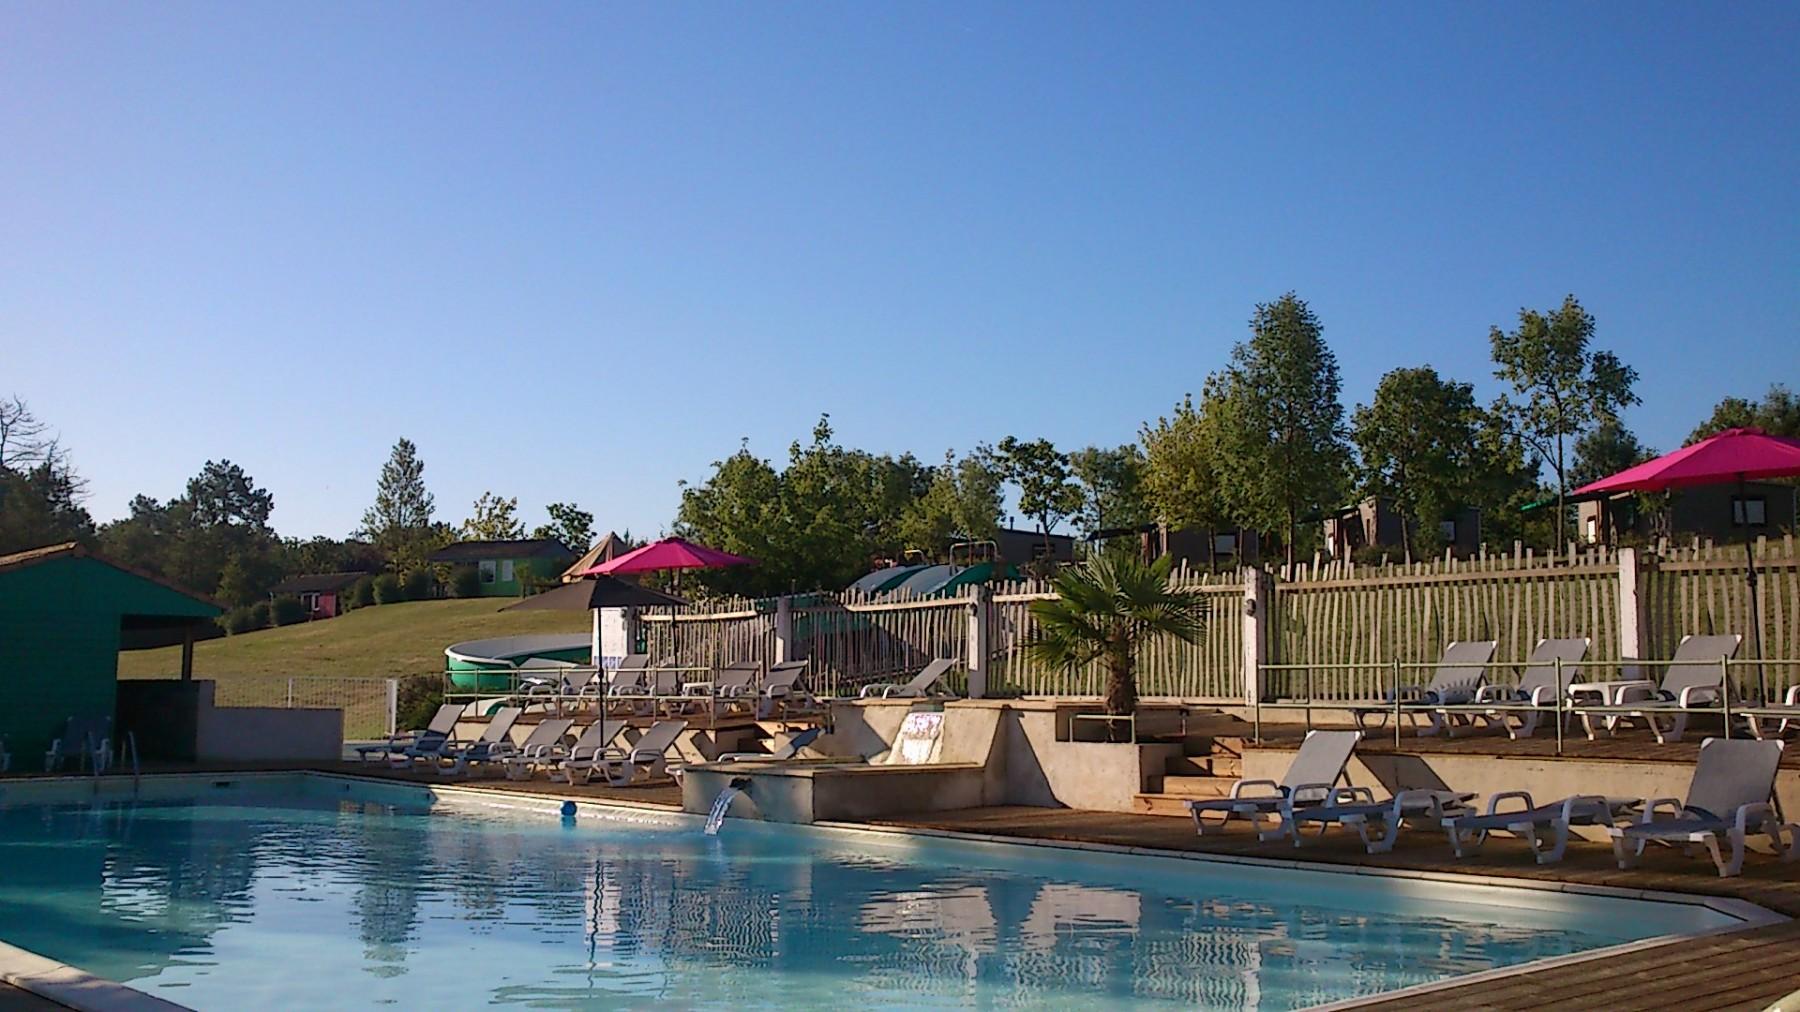 Camping dordogne avec piscine et toboggan nouveaux for Camping piscine dordogne